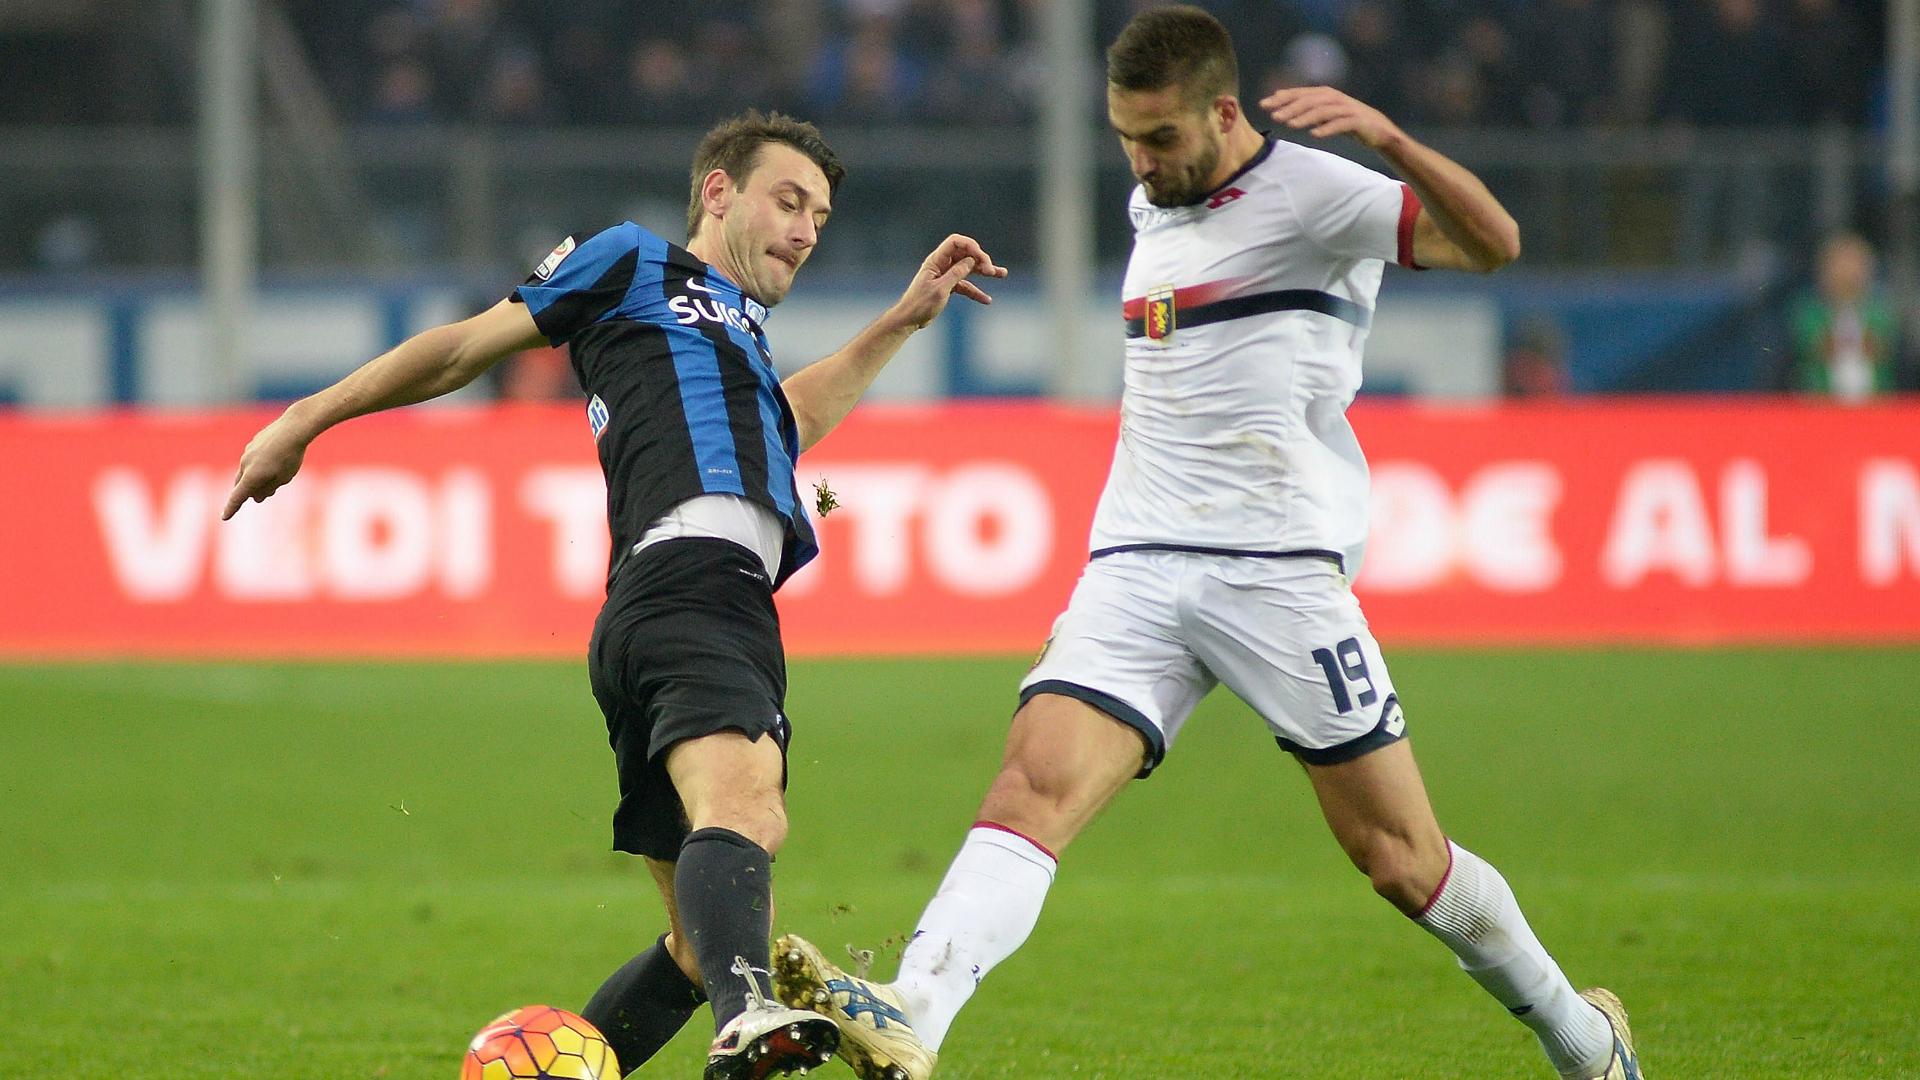 Video: Atalanta vs Genoa